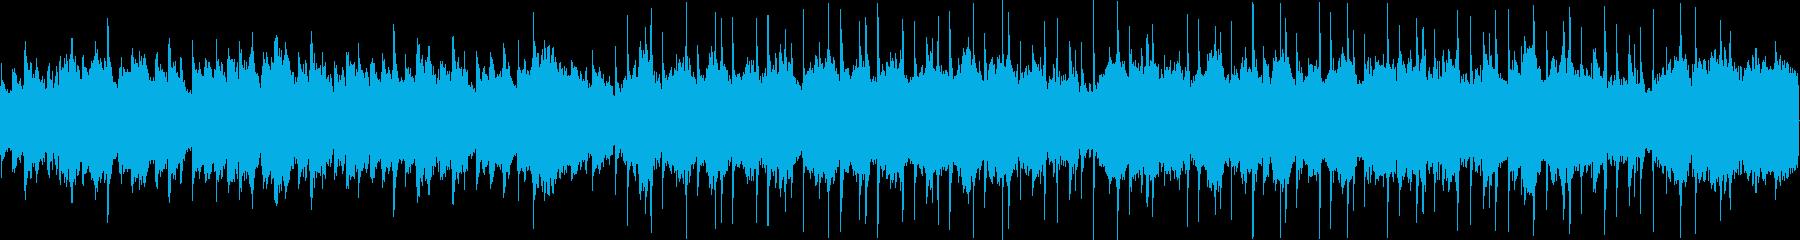 ハロウィンをイメージした怪しい雰囲気の曲の再生済みの波形